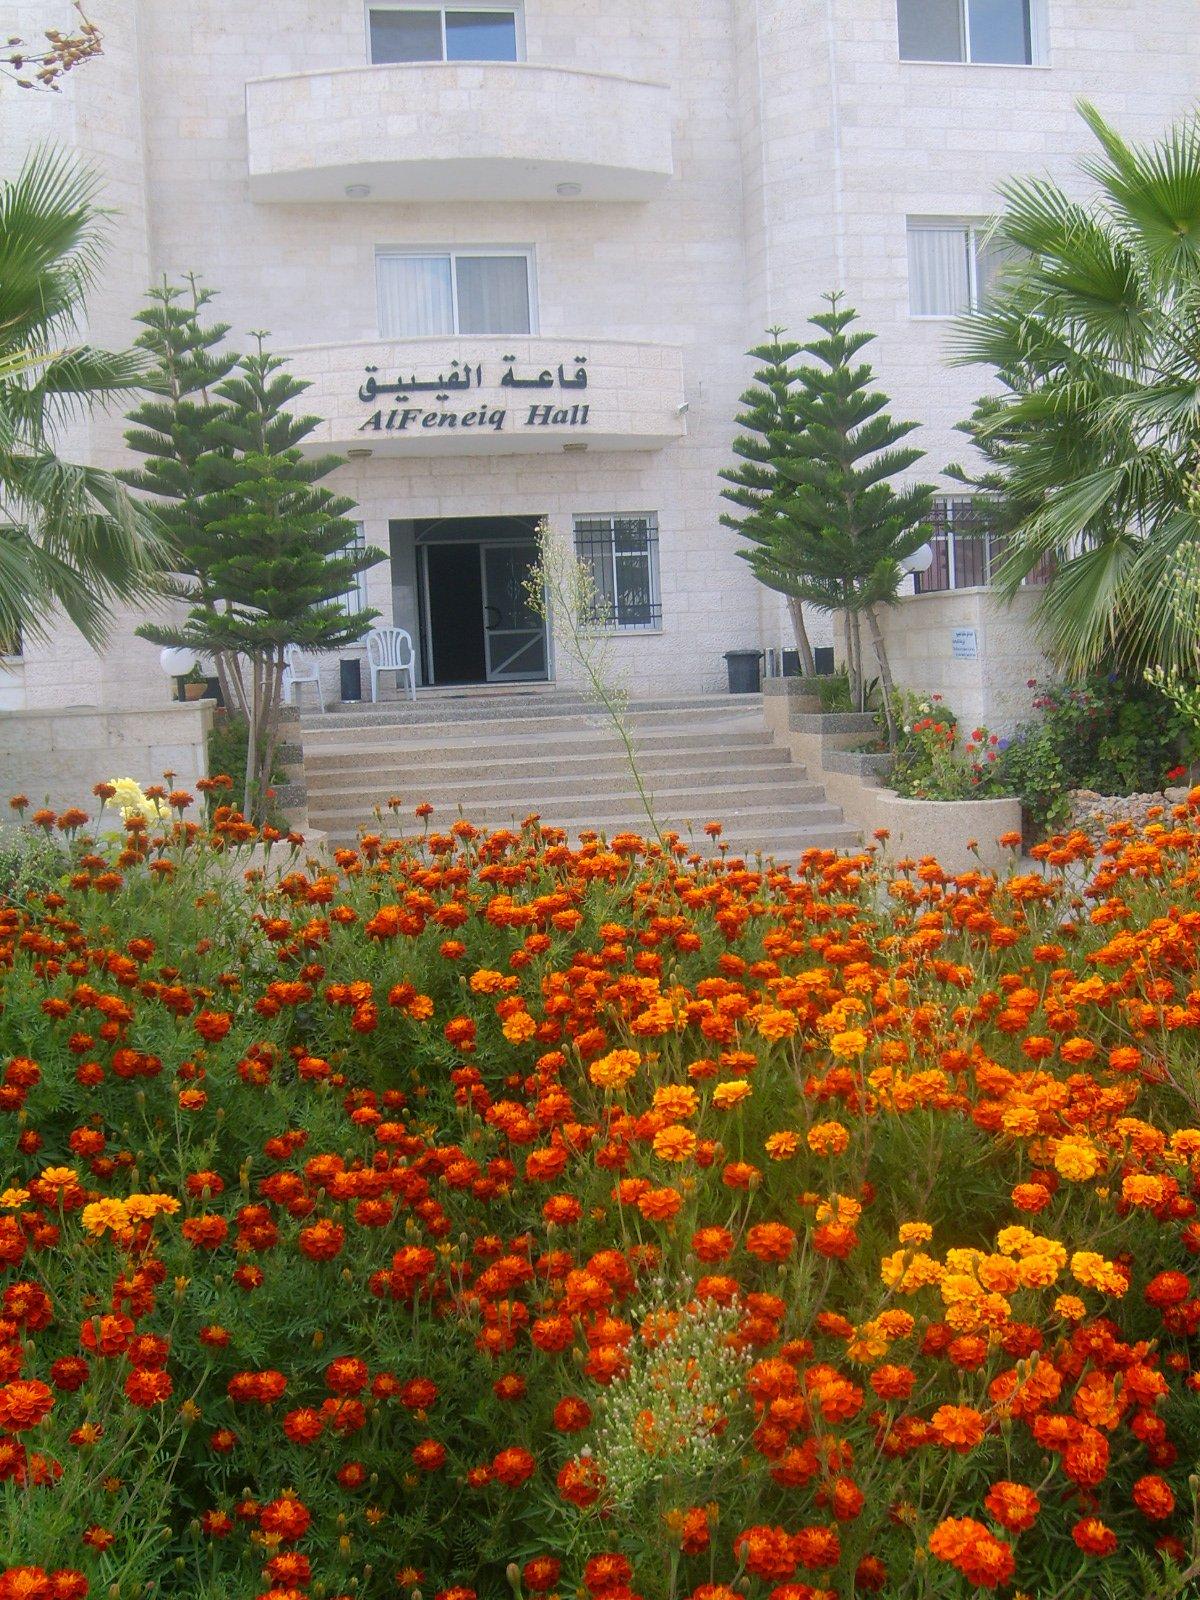 Al Feneiq